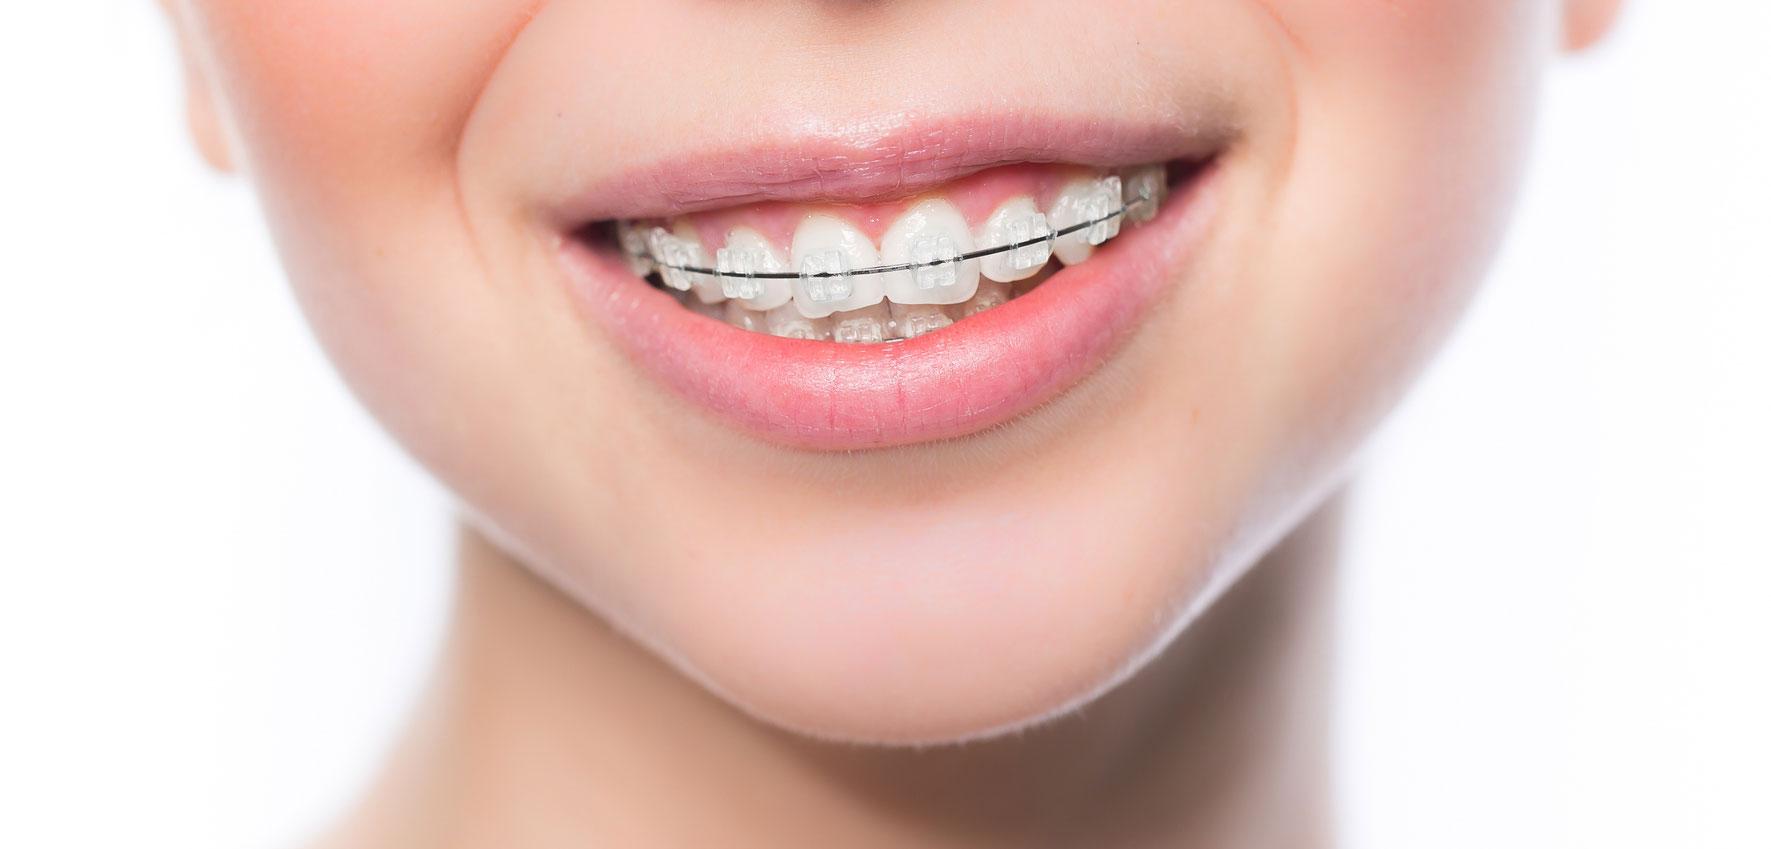 Ortodoncia en Los Realejos, Clínica dental en Los Realejos, Dentista en Los Realejos